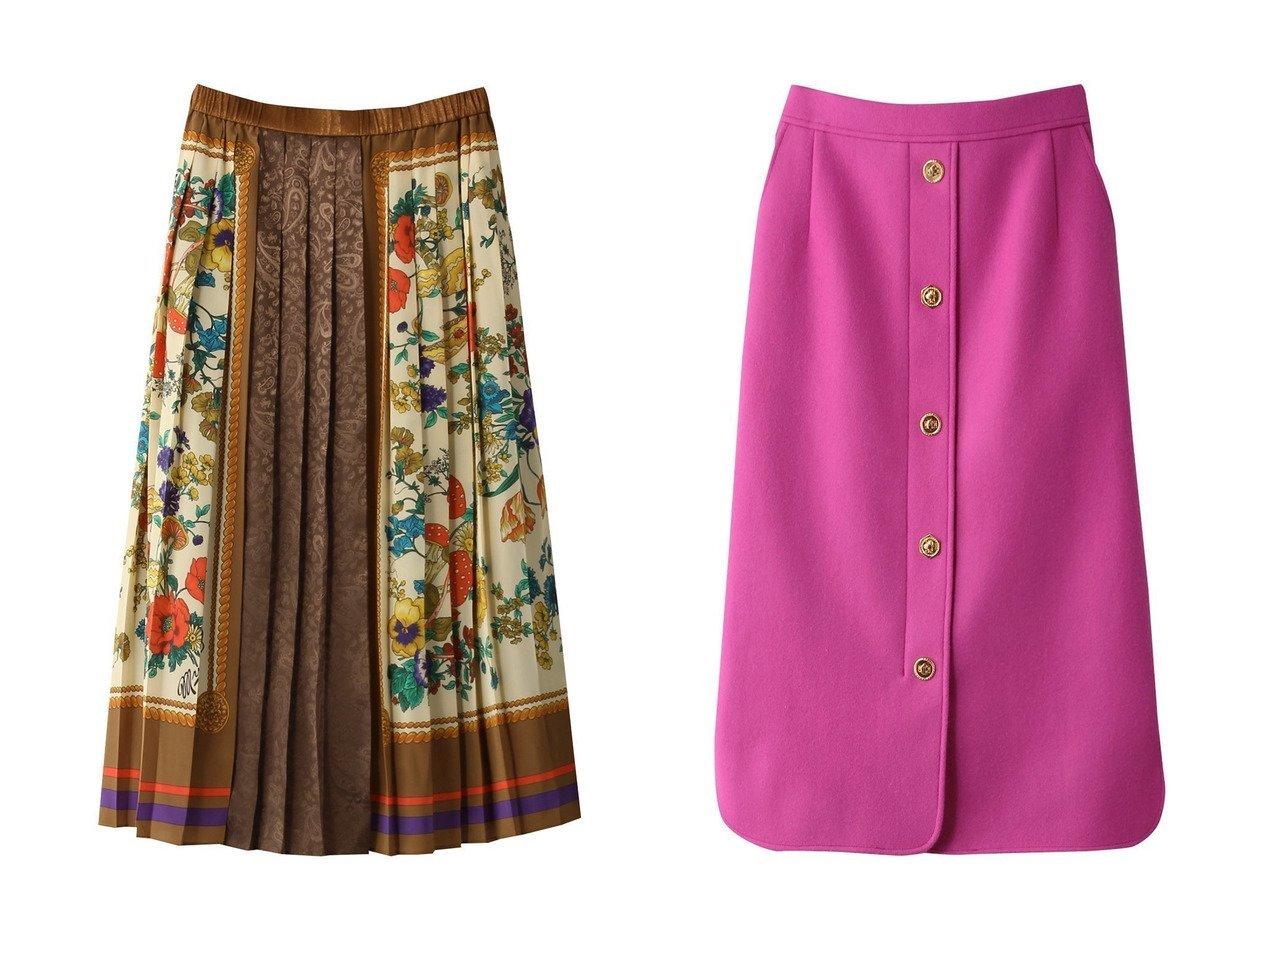 【MUVEIL/ミュベール】のスカーフプリントスカート&メタルボタンスカート 【スカート】おすすめ!人気、トレンド・レディースファッションの通販 おすすめで人気の流行・トレンド、ファッションの通販商品 インテリア・家具・メンズファッション・キッズファッション・レディースファッション・服の通販 founy(ファニー) https://founy.com/ ファッション Fashion レディースファッション WOMEN スカート Skirt スカーフ フラワー プリント プリーツ モチーフ フロント メタリック |ID:crp329100000069134